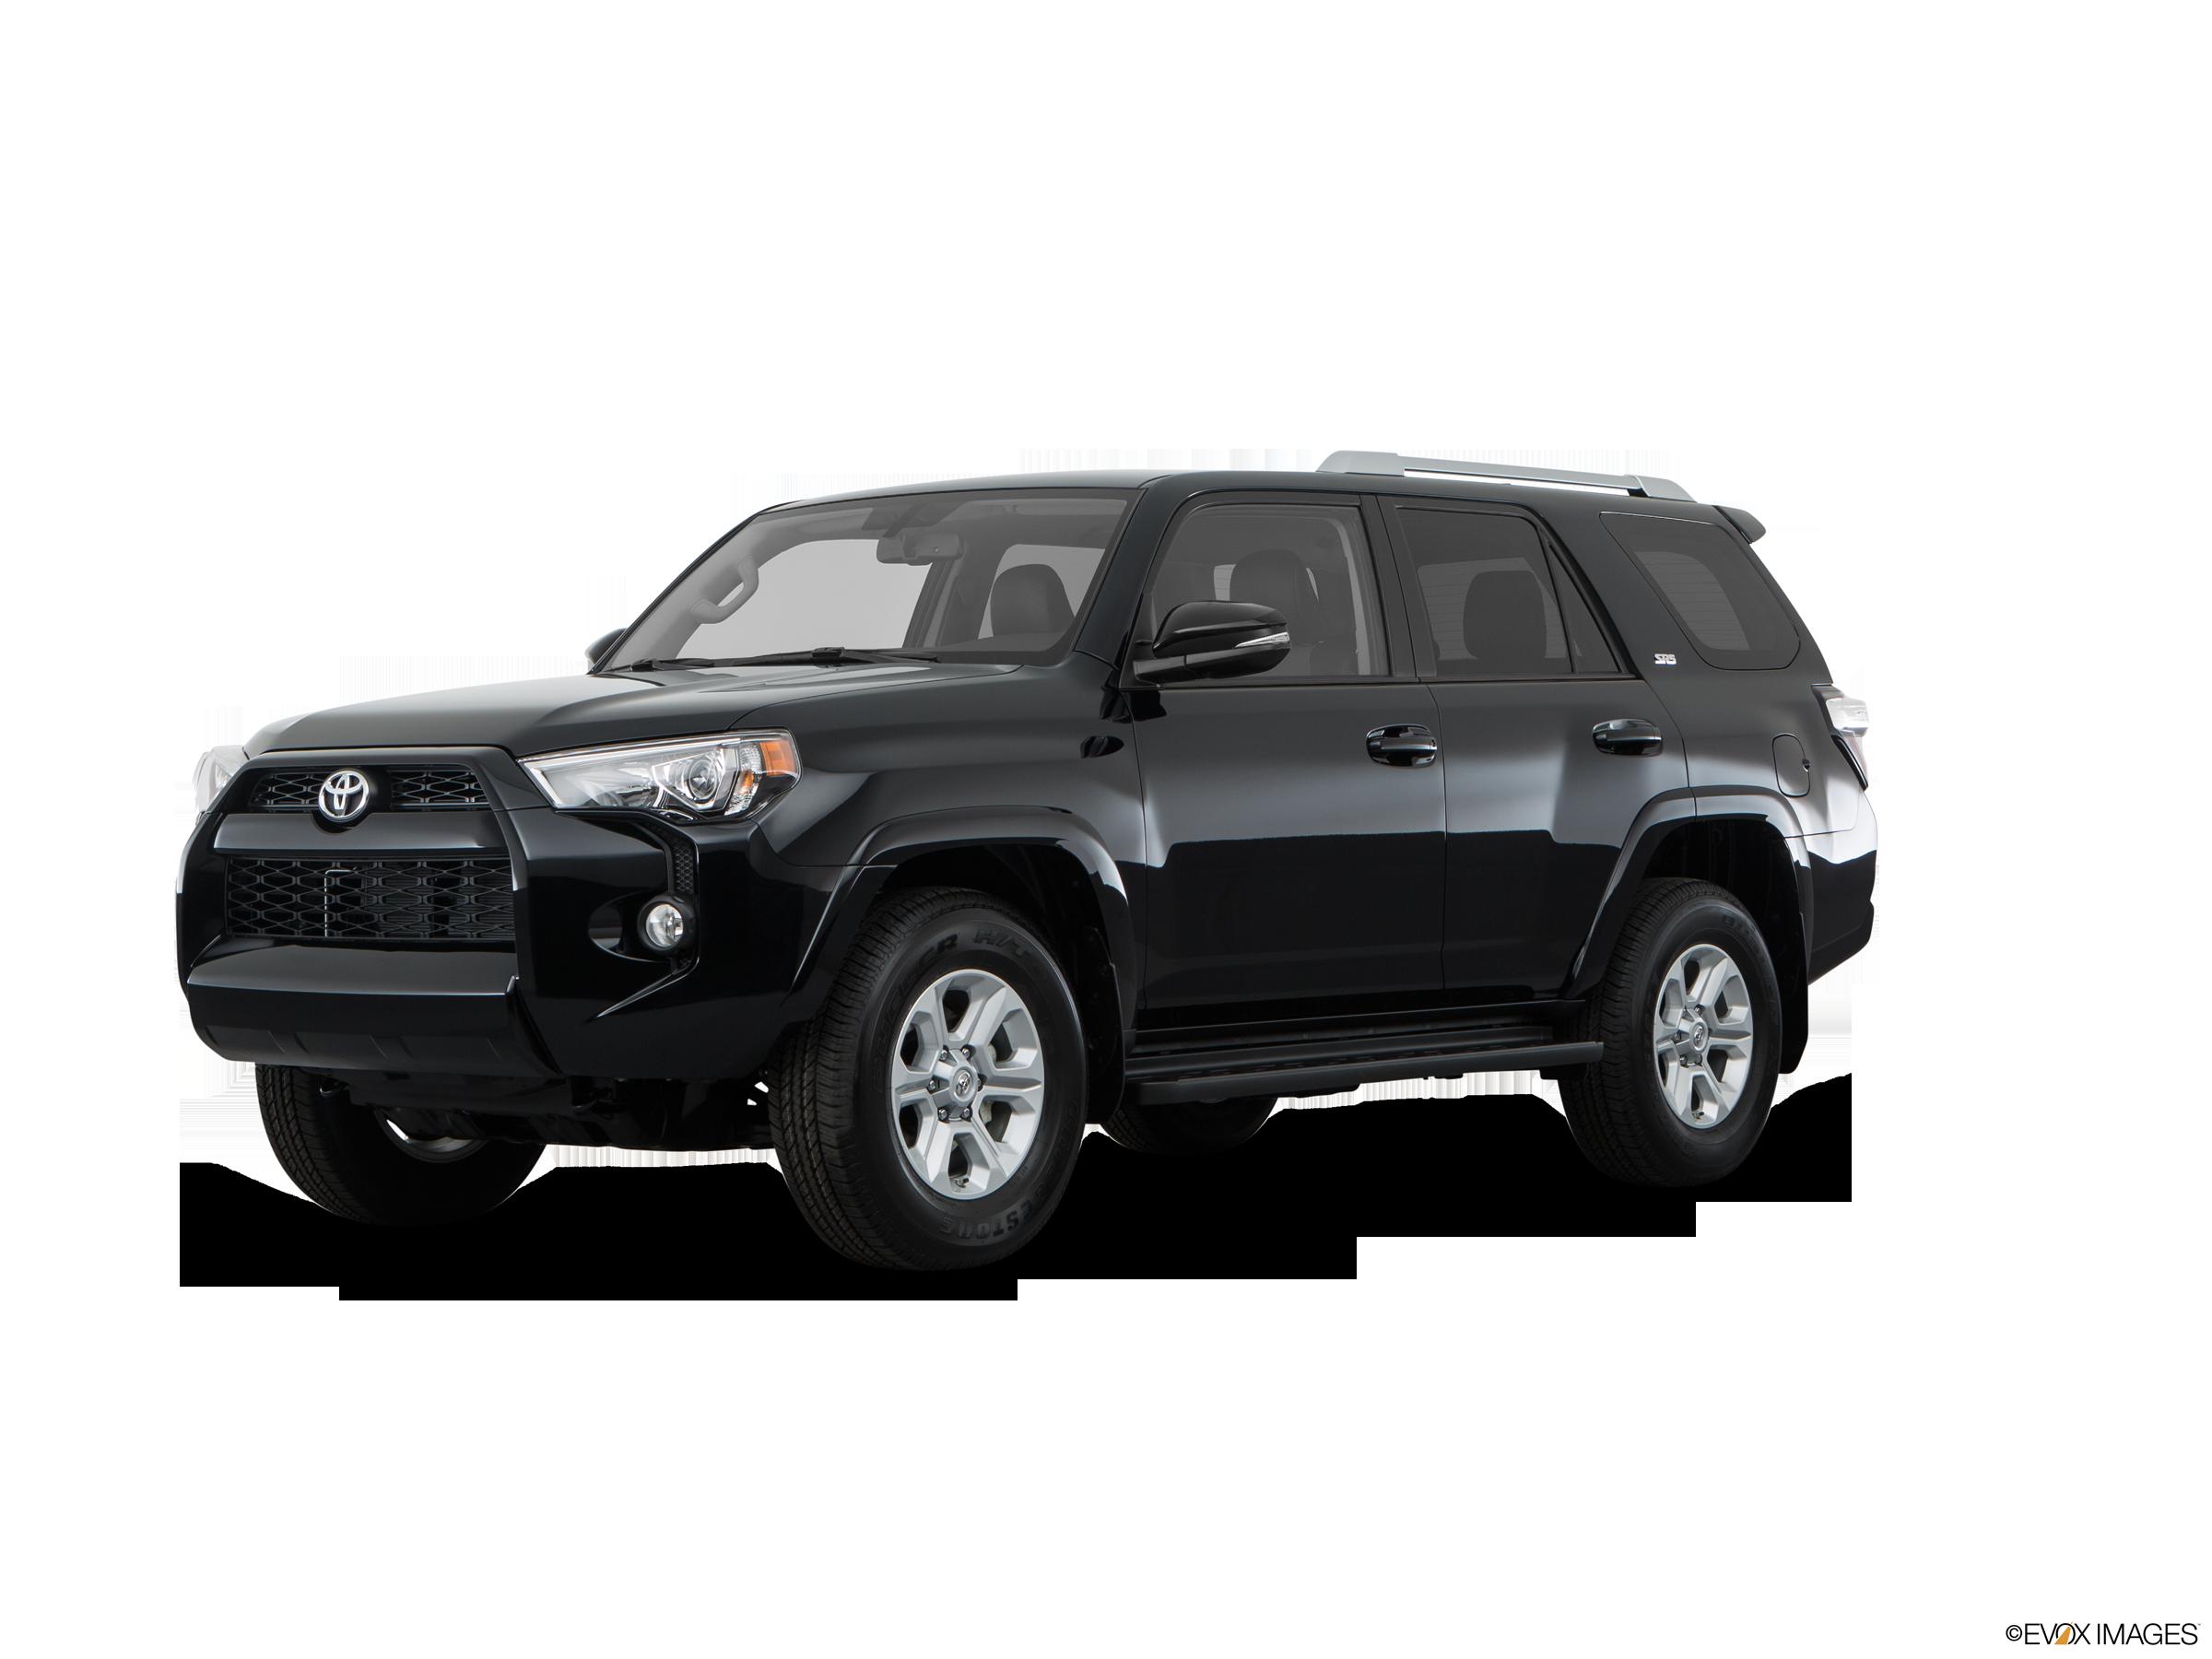 Toyota 4runner Price In India